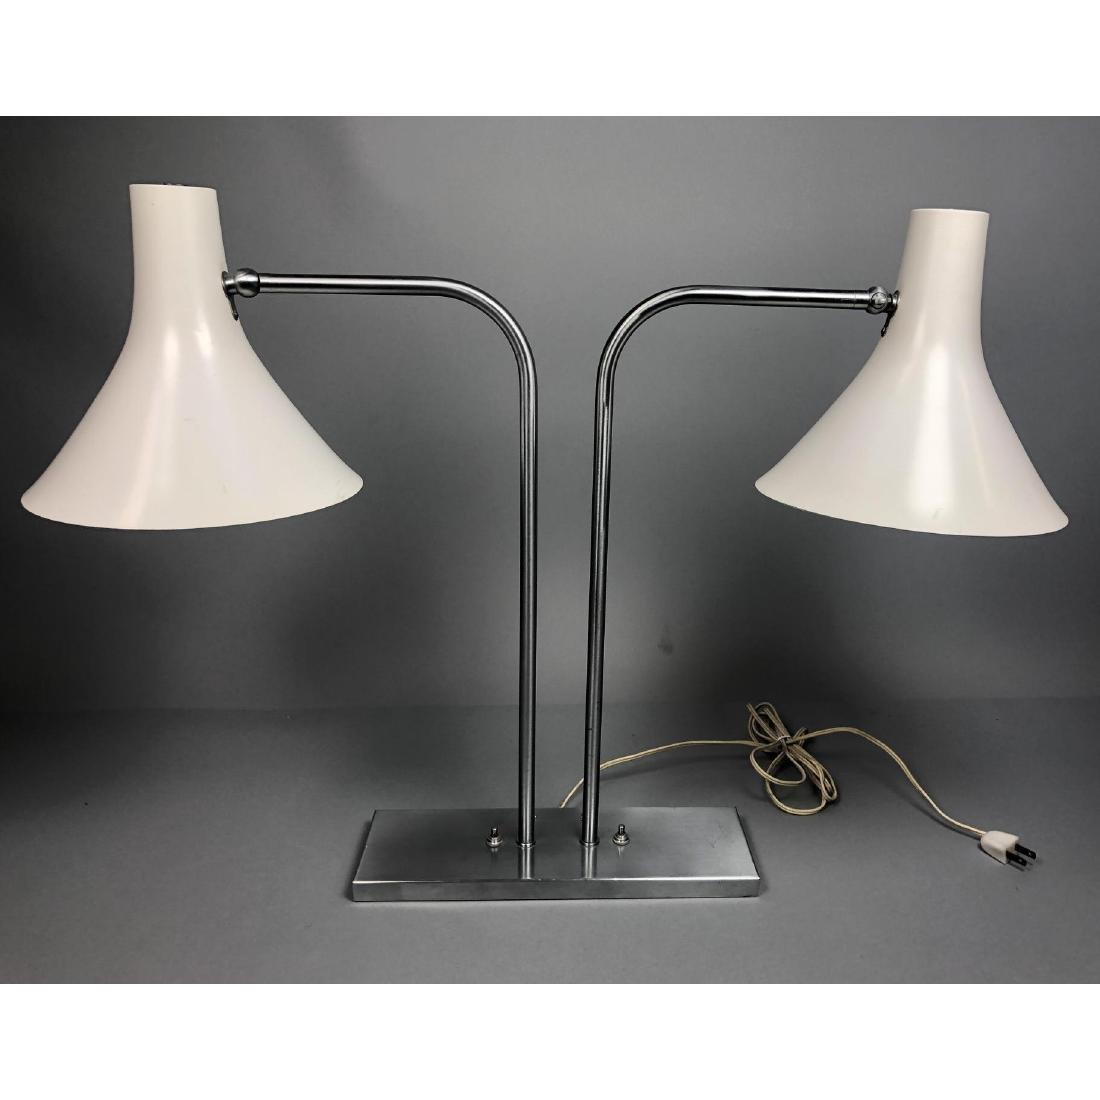 VON NESSEN Two Arm Modernist Desk Lamp. Stainless